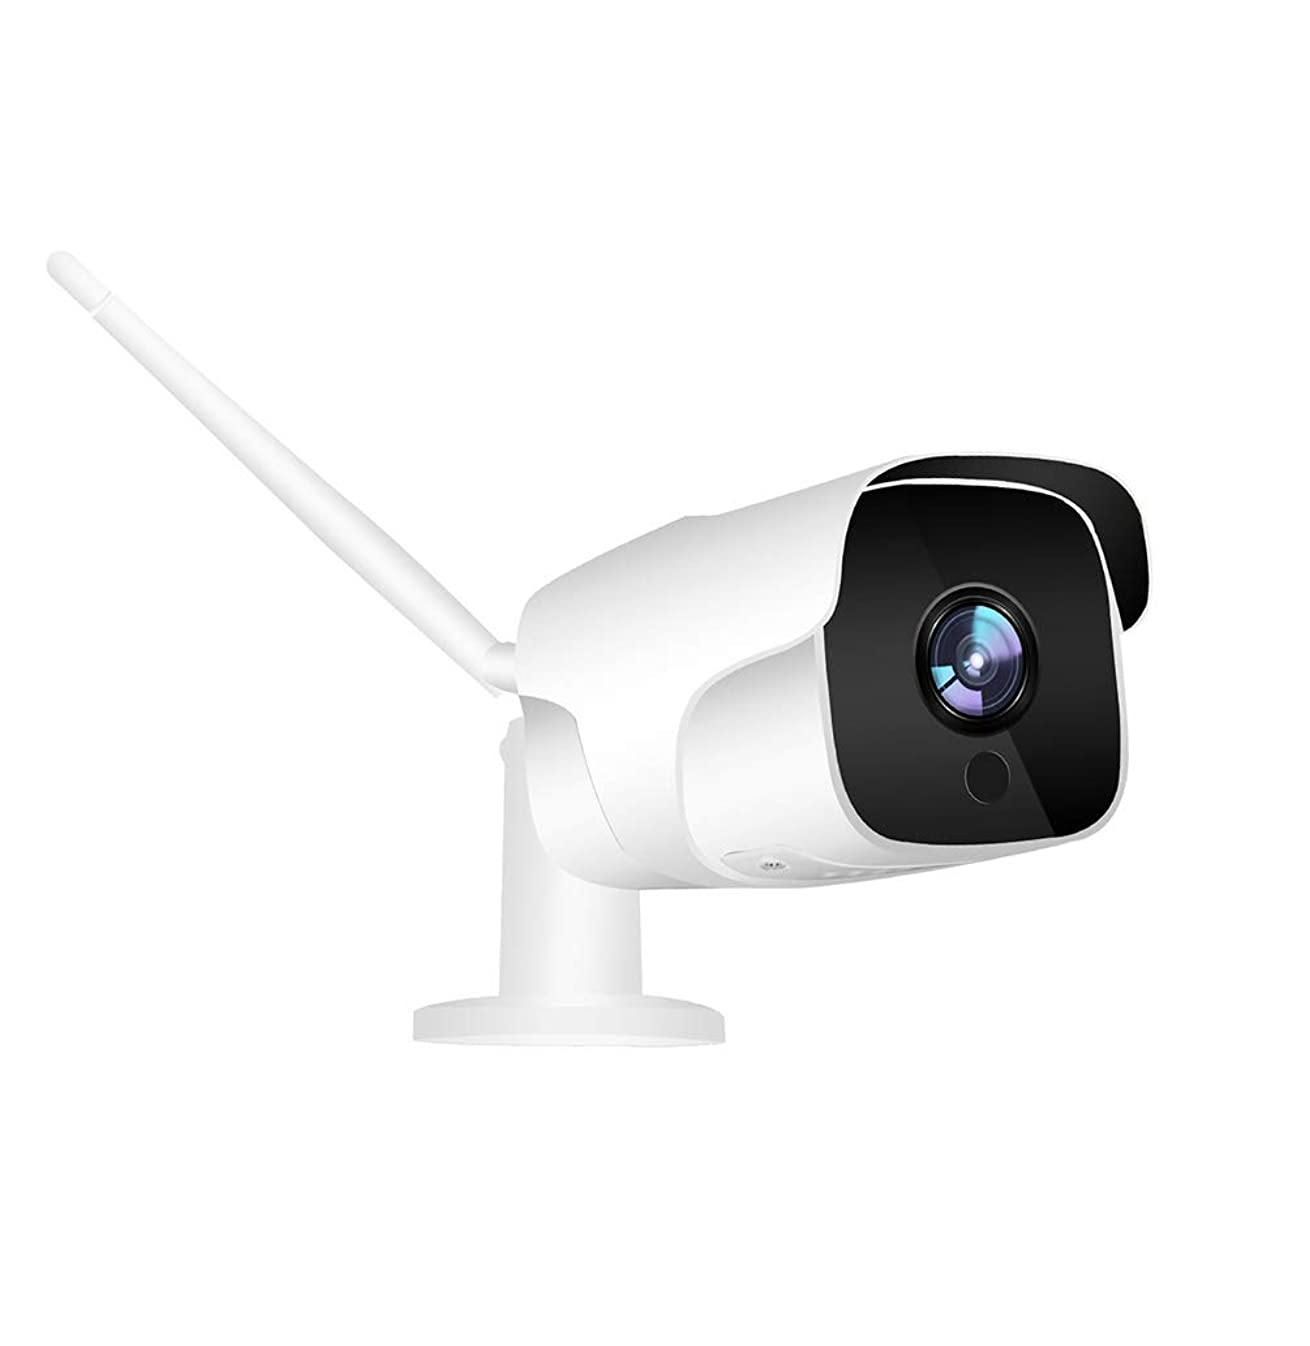 喜び過去群集夜間視界の動き検出の秘密の保証が付いている屋外のホームセキュリティーのカメラの無線電信システム1080p Hdのポータブル